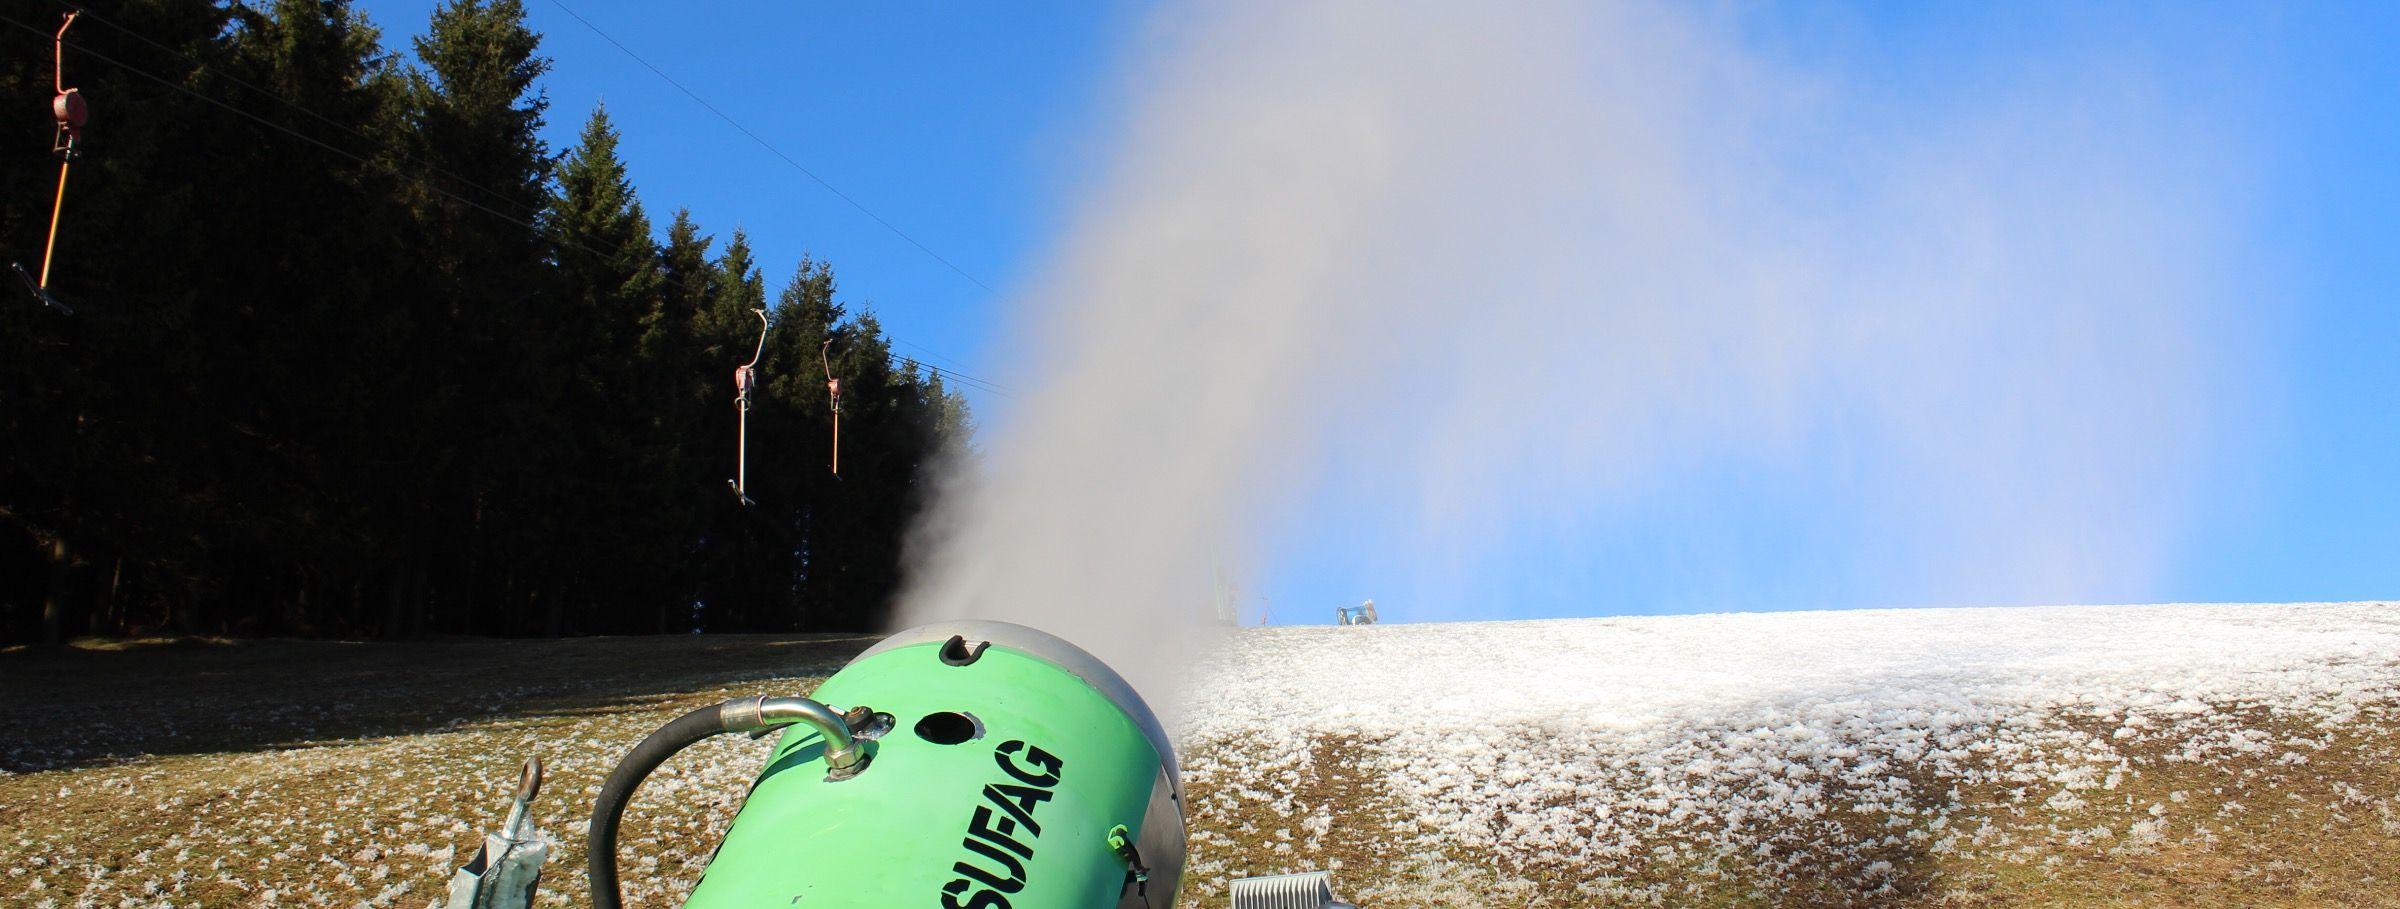 Ski-Club Wilzenberg 1908 Grafschaft - Schanze